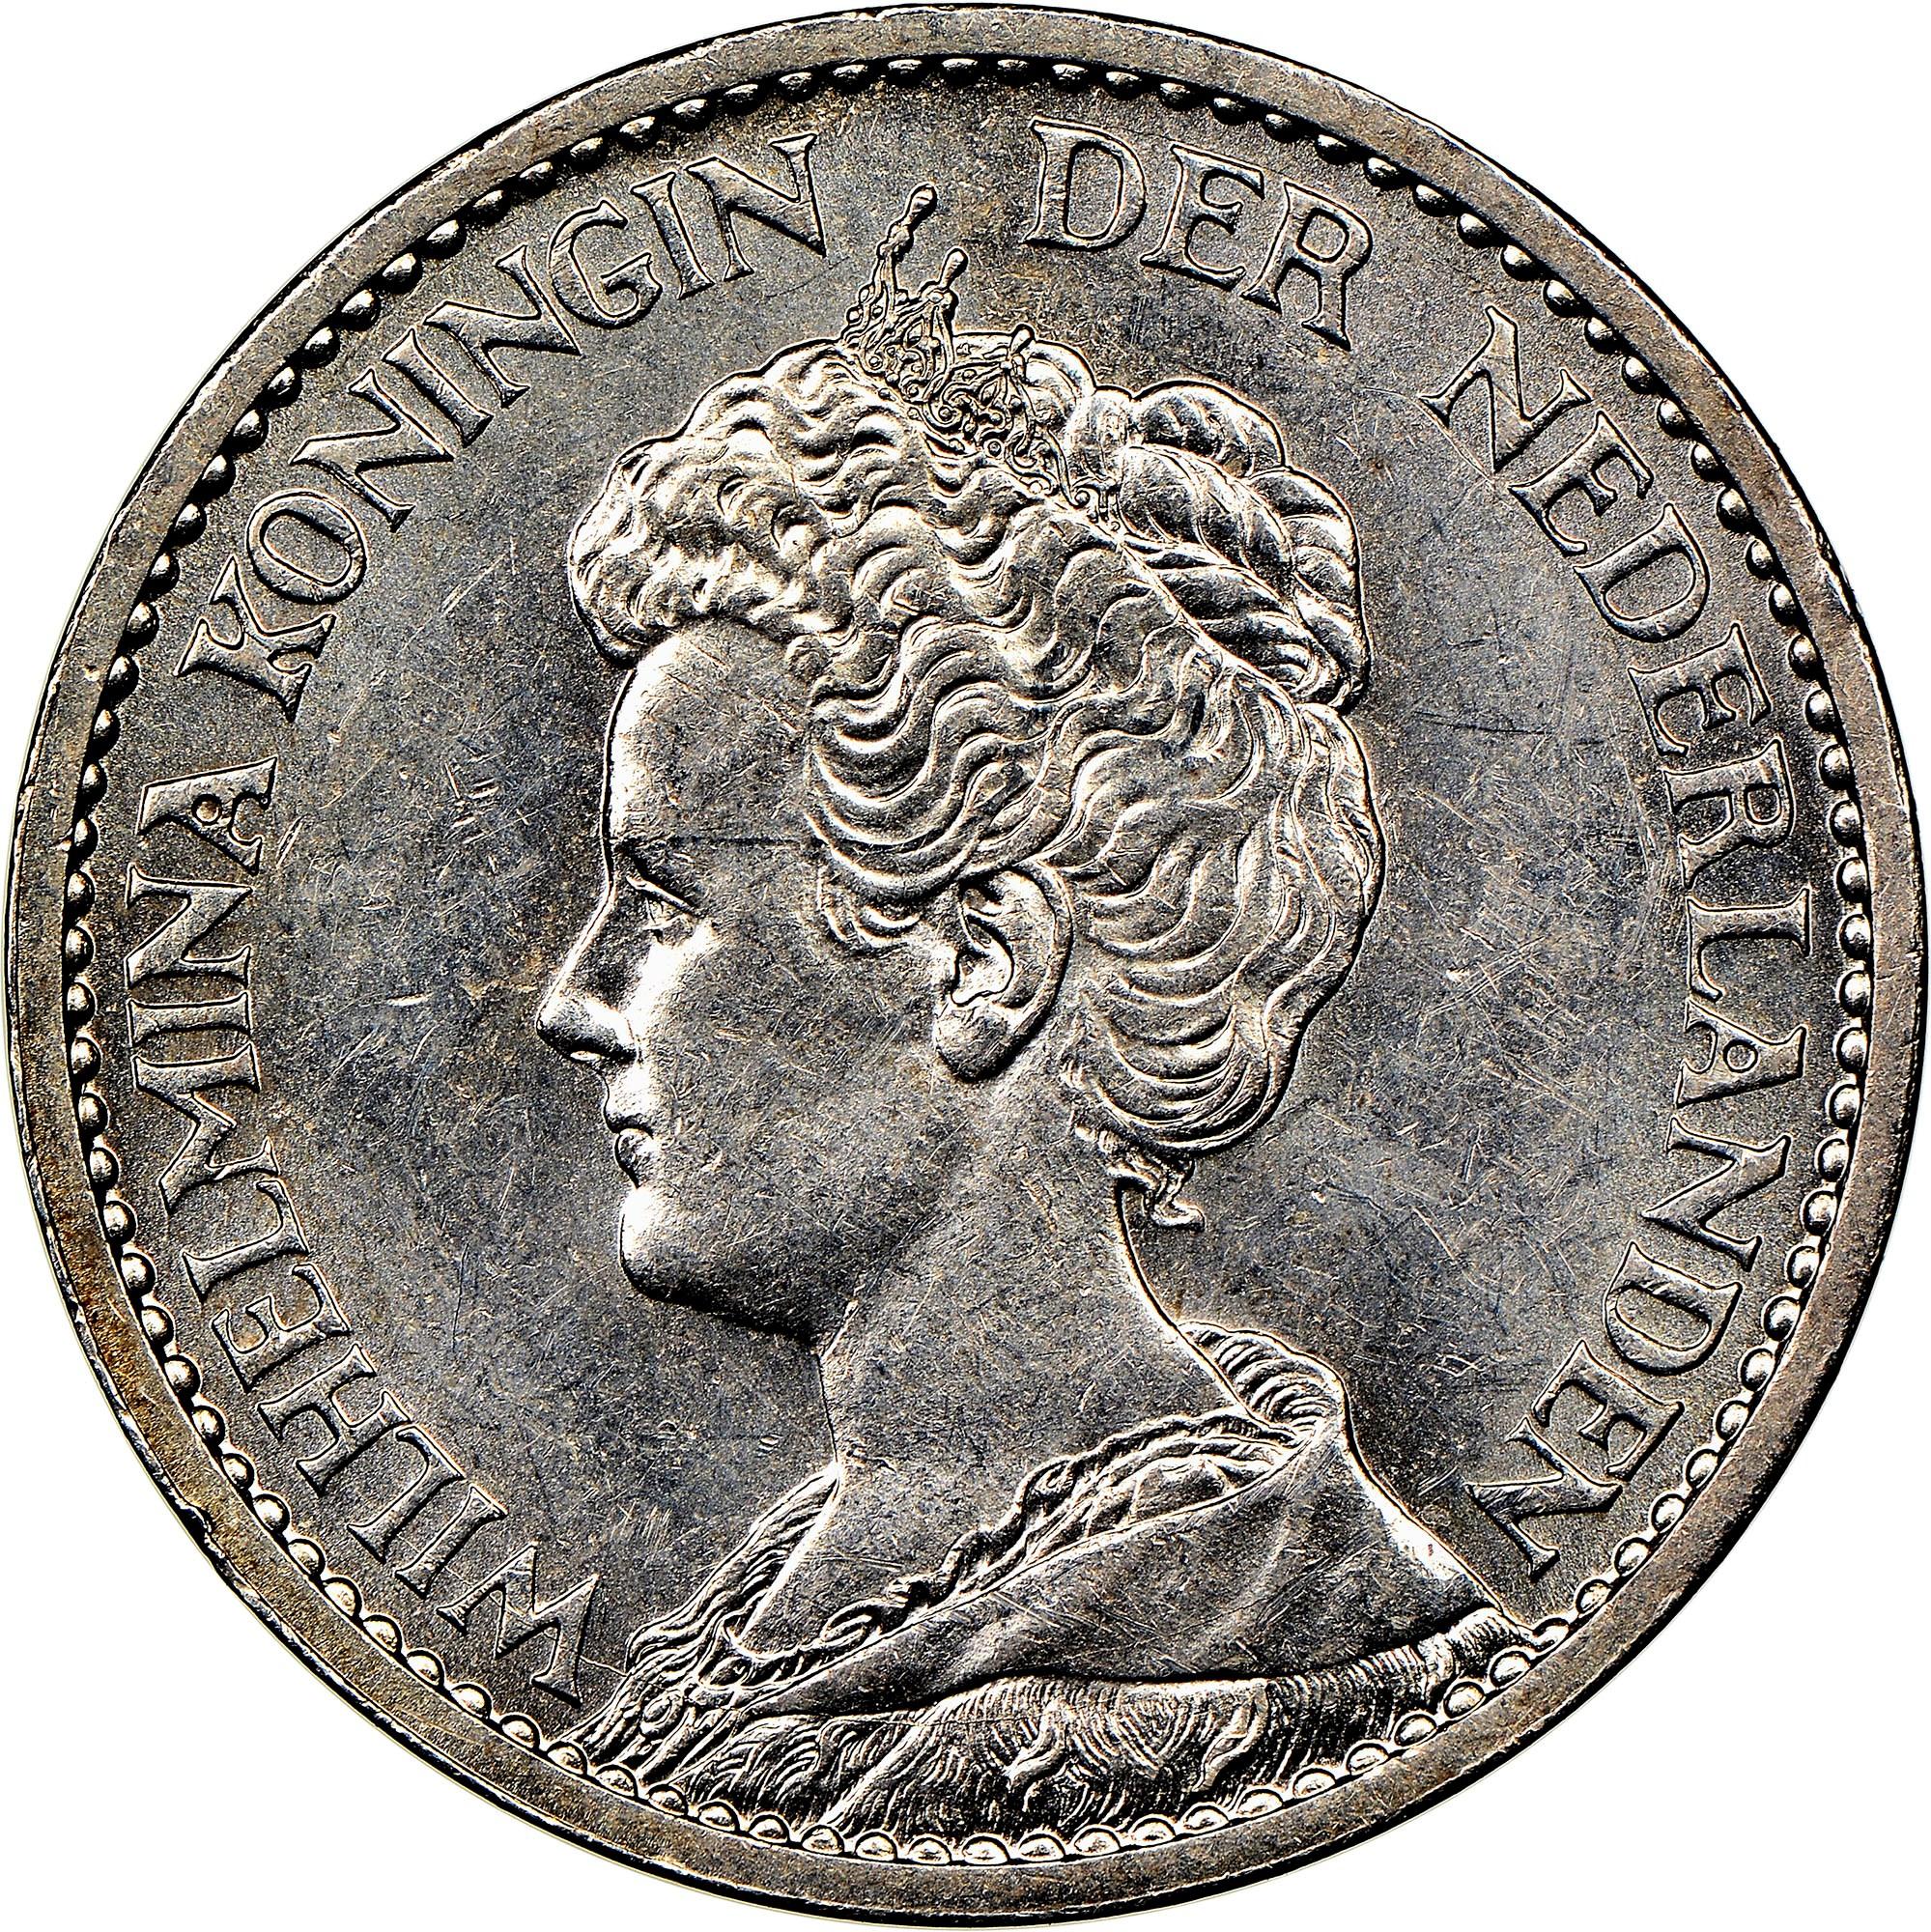 Netherlands Gulden obverse